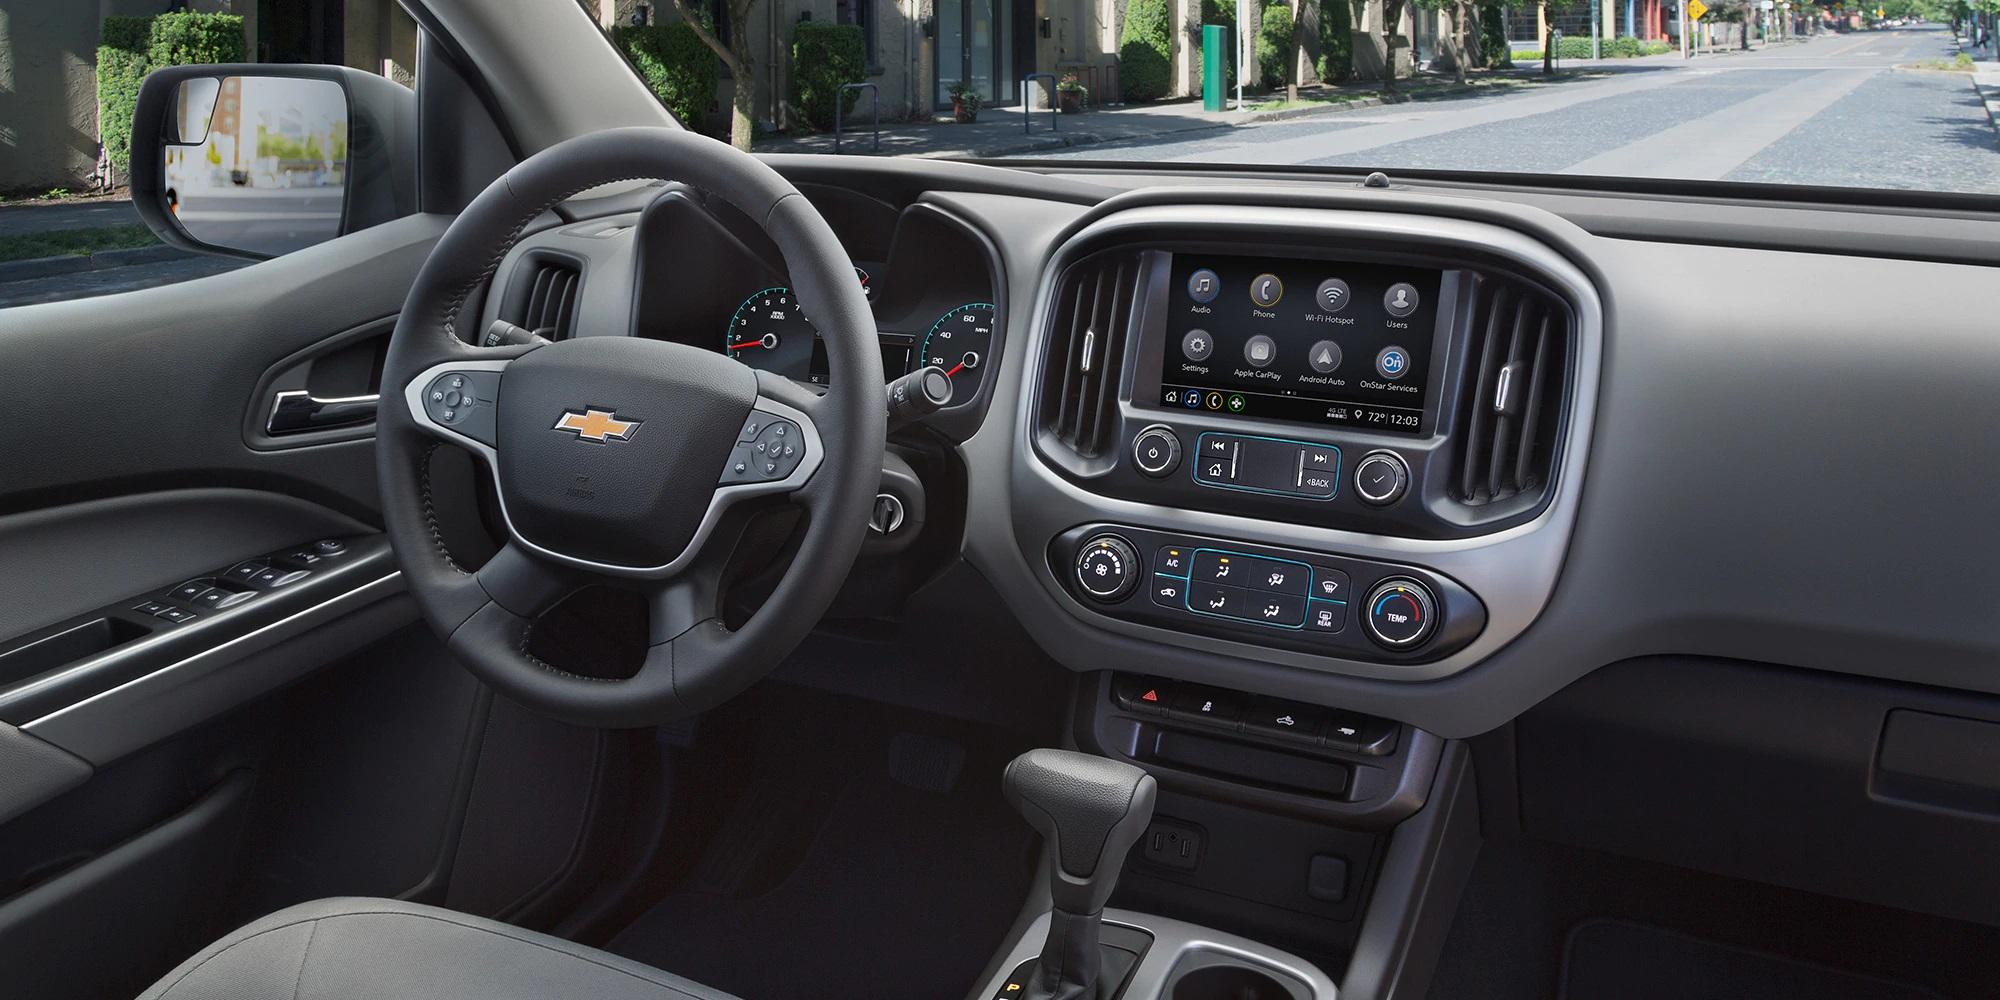 La Chevrolet Colorado 2019 cuenta con tecnología y conectividad disponible